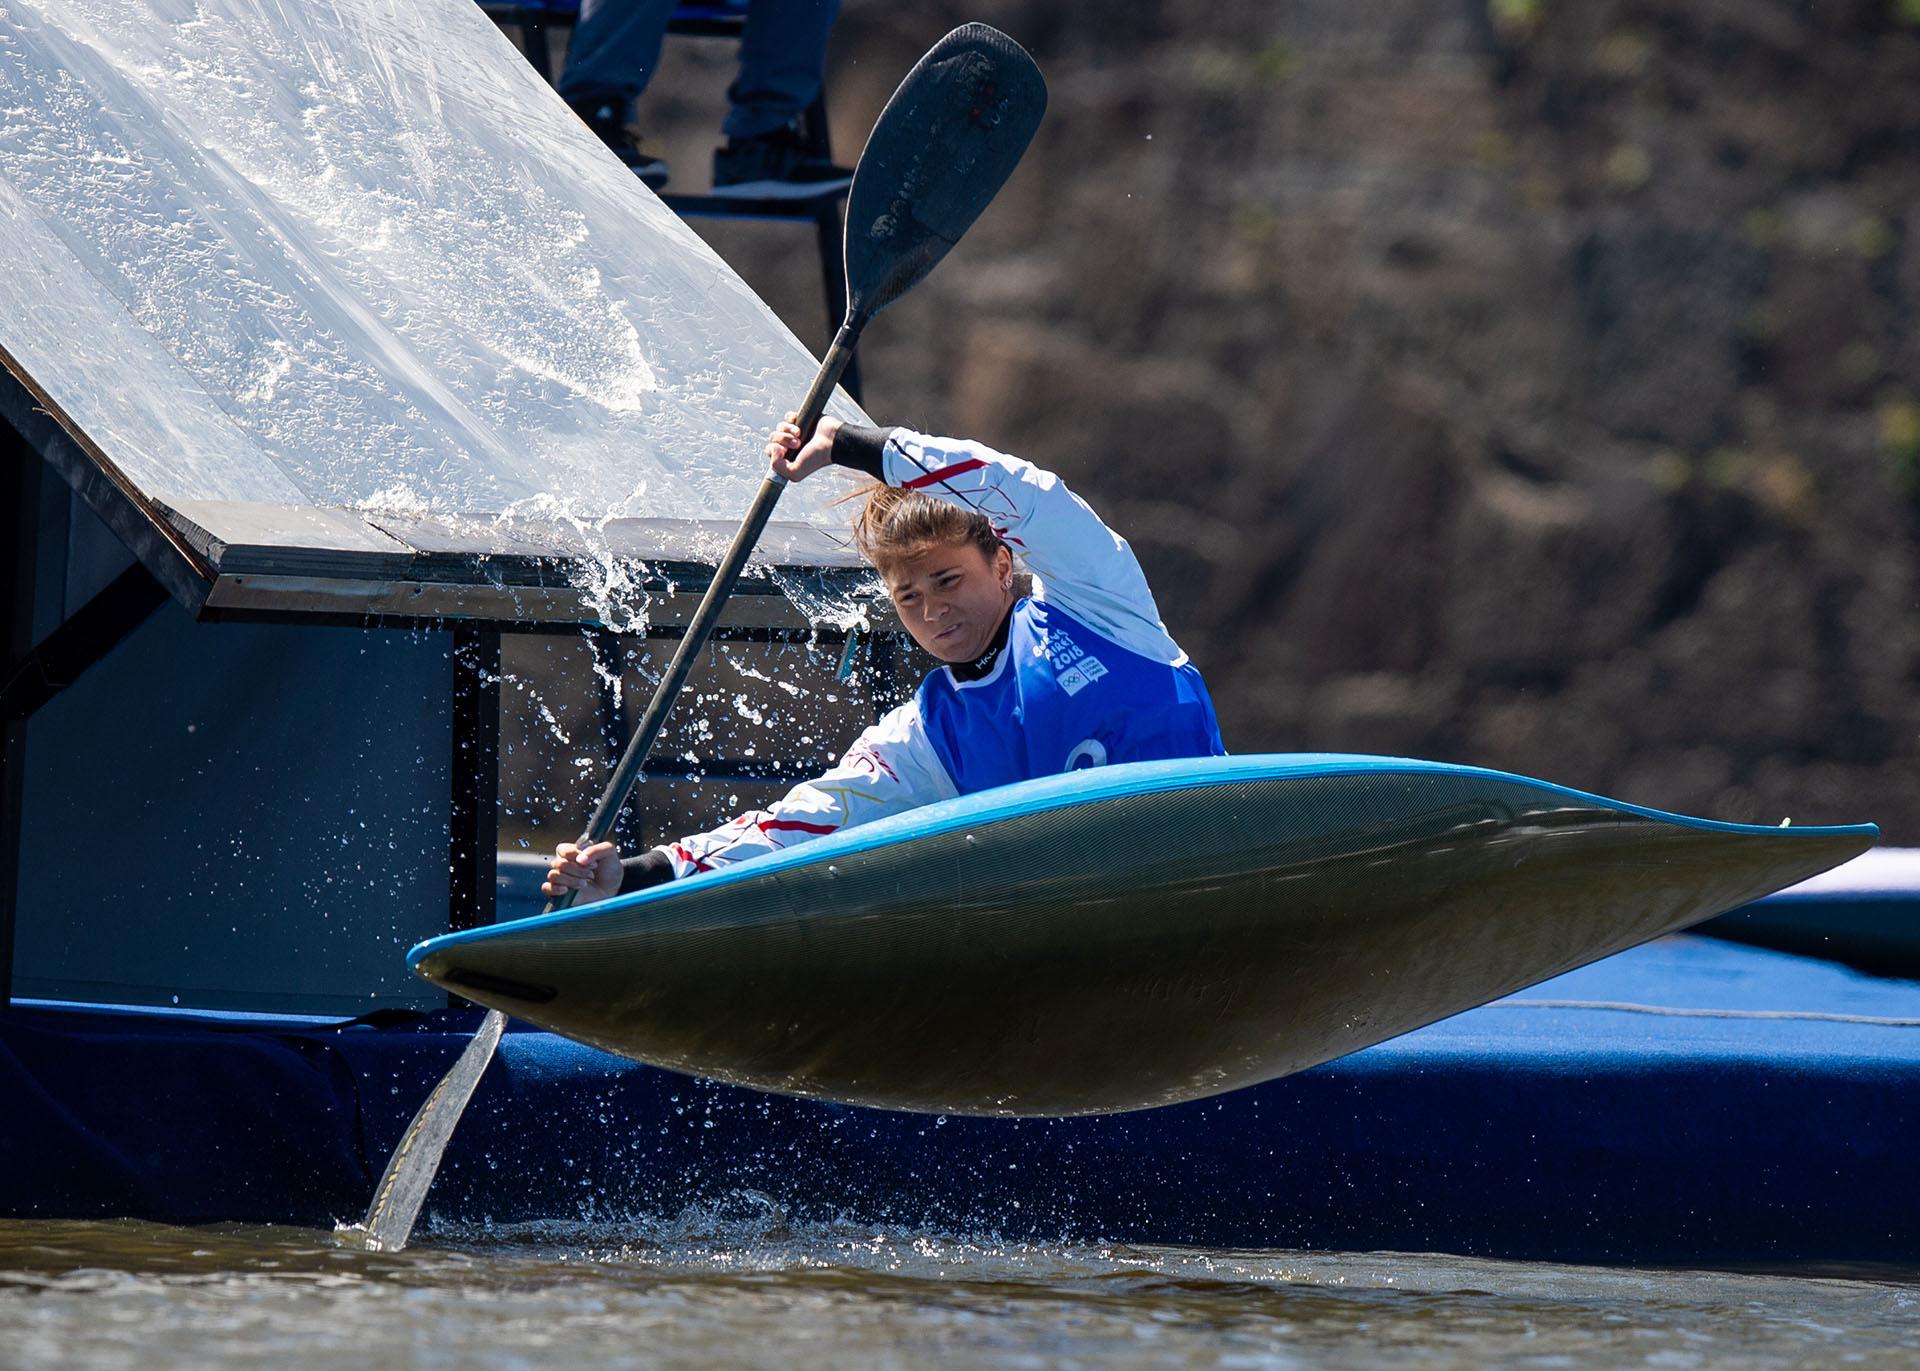 La alemana Gina Zint, compitiendo durante el Slalom de Obstáculos de Kayak Femenino en los Diques de Puerto Madero, durante los Juegos Olímpicos de la Juventud Buenos Aires 2018(AFP)